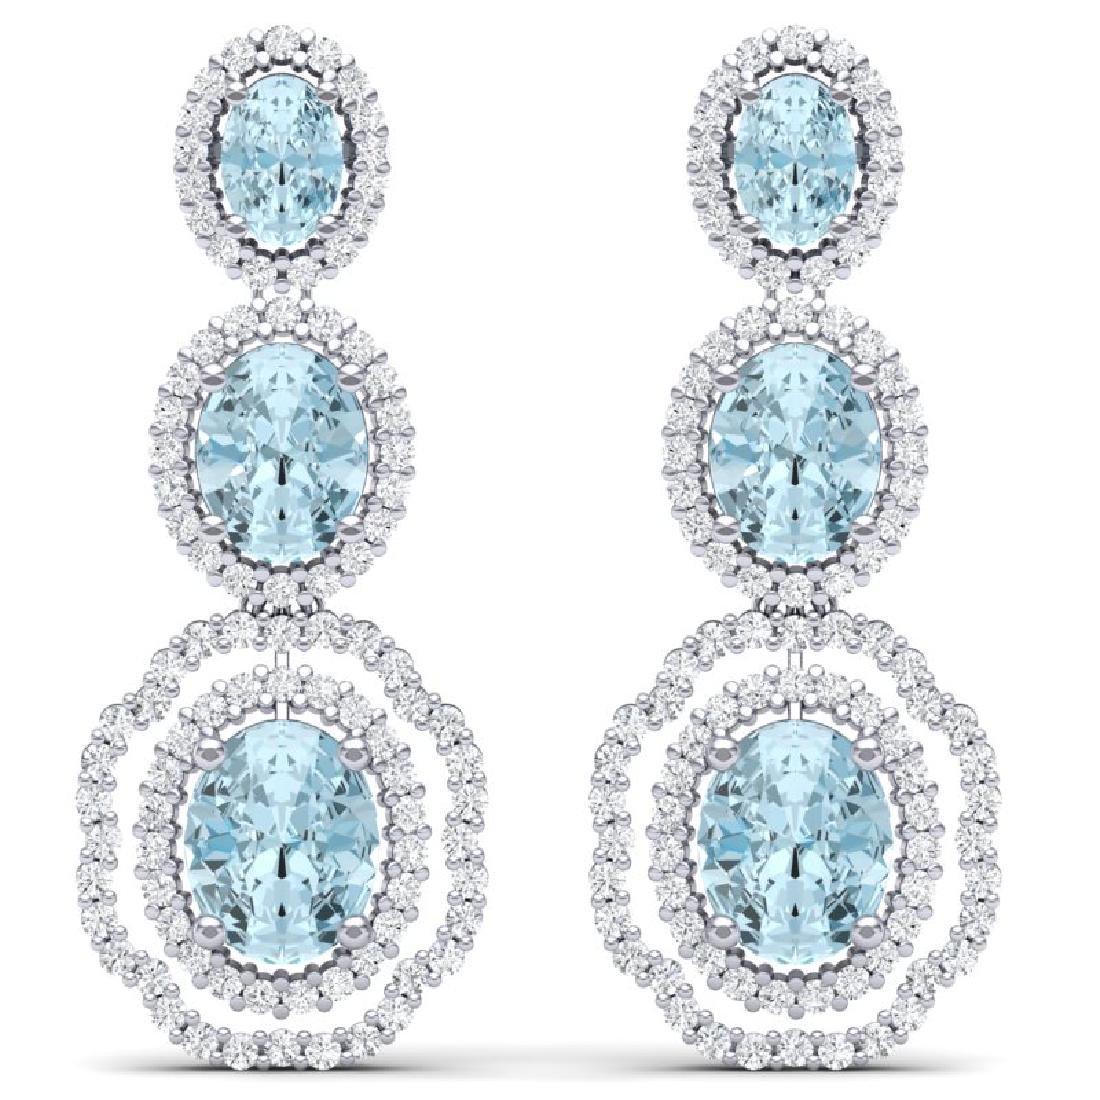 17.46 CTW Royalty Sky Topaz & VS Diamond Earrings 18K